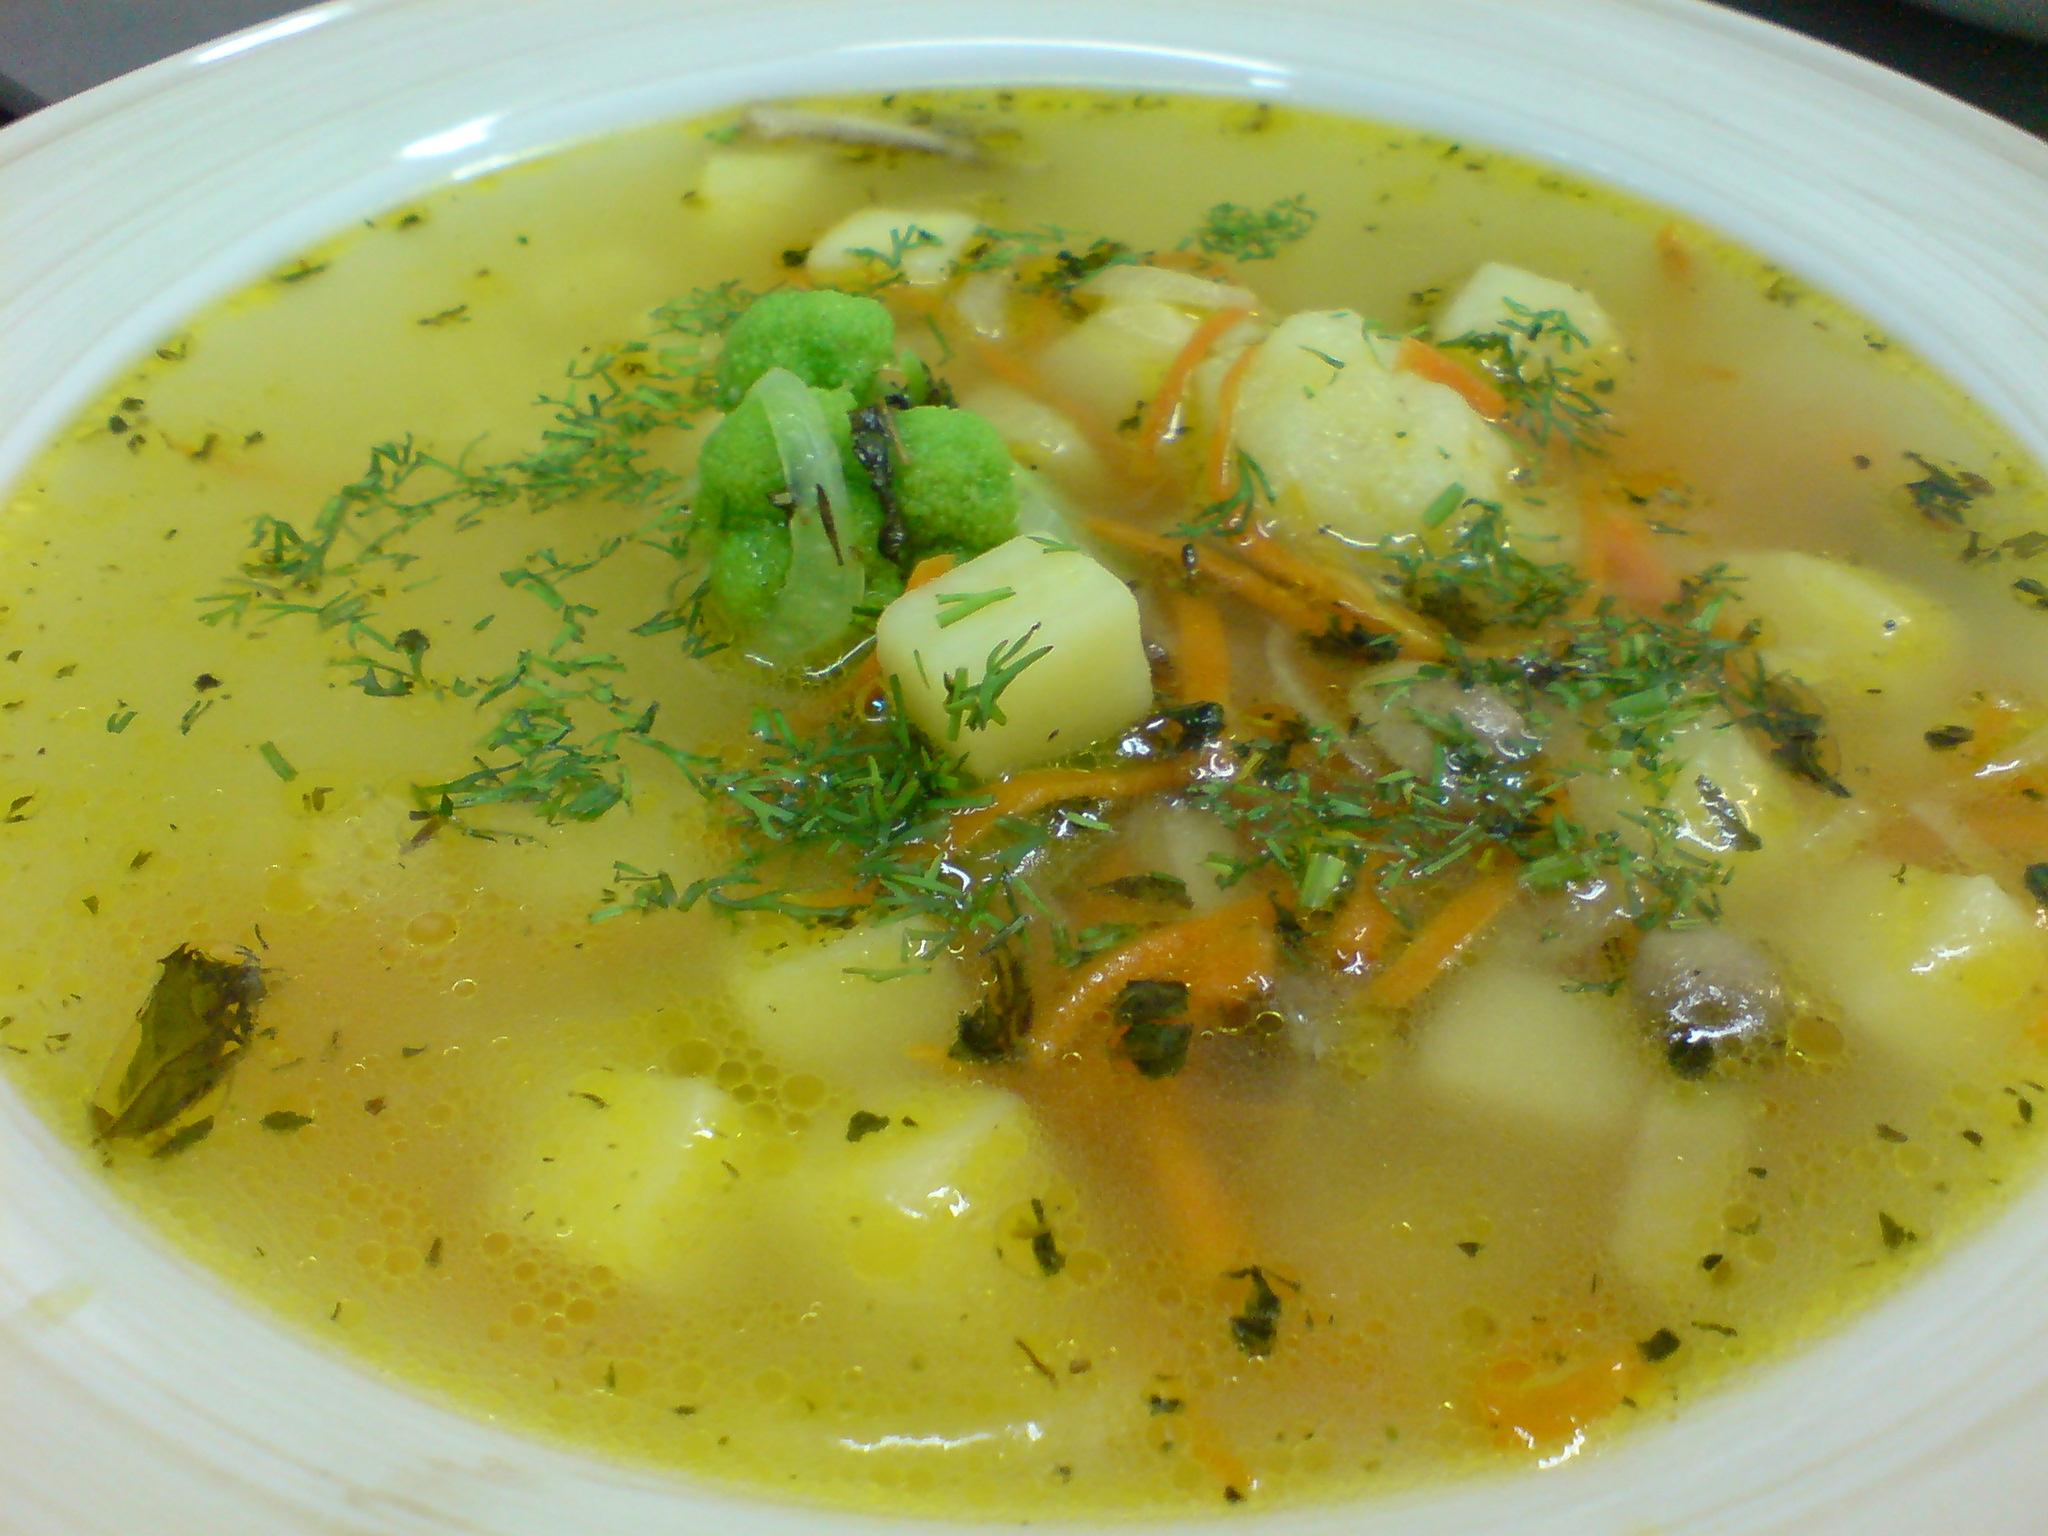 суп на индюшачьем бульоне рецепт с фото